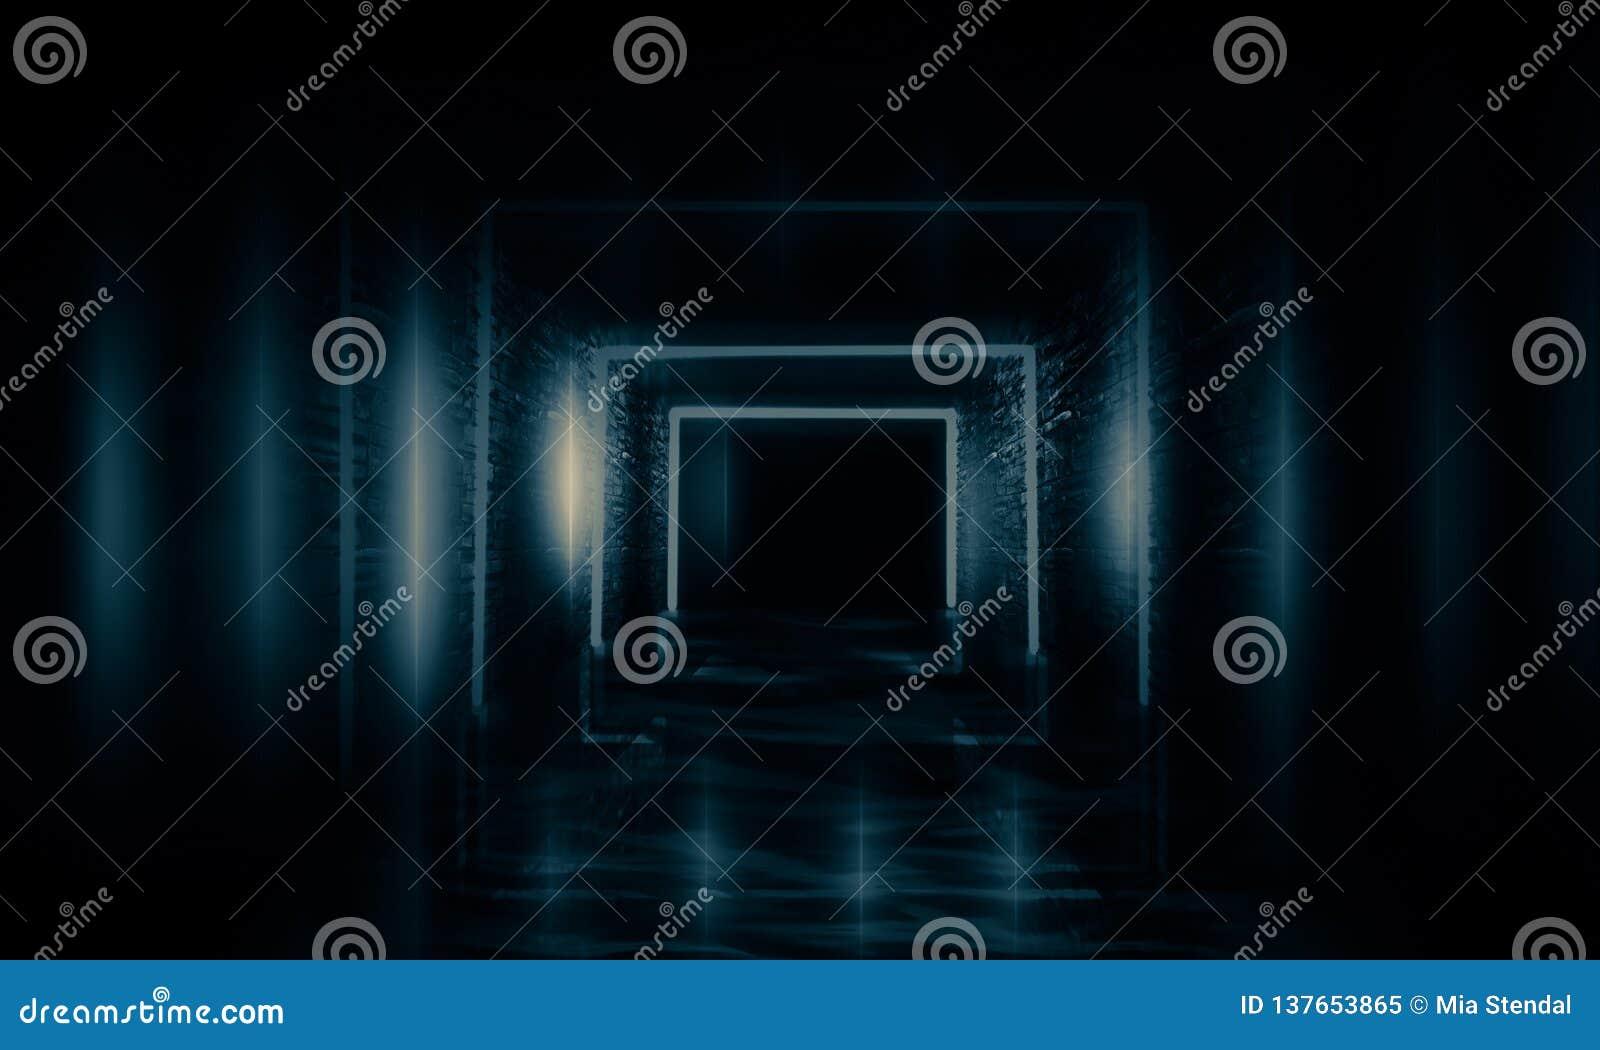 Abstrakt tom gammal tunnel, korridor, båge, mörkt rum, neonbelysning, tjock rök, smog